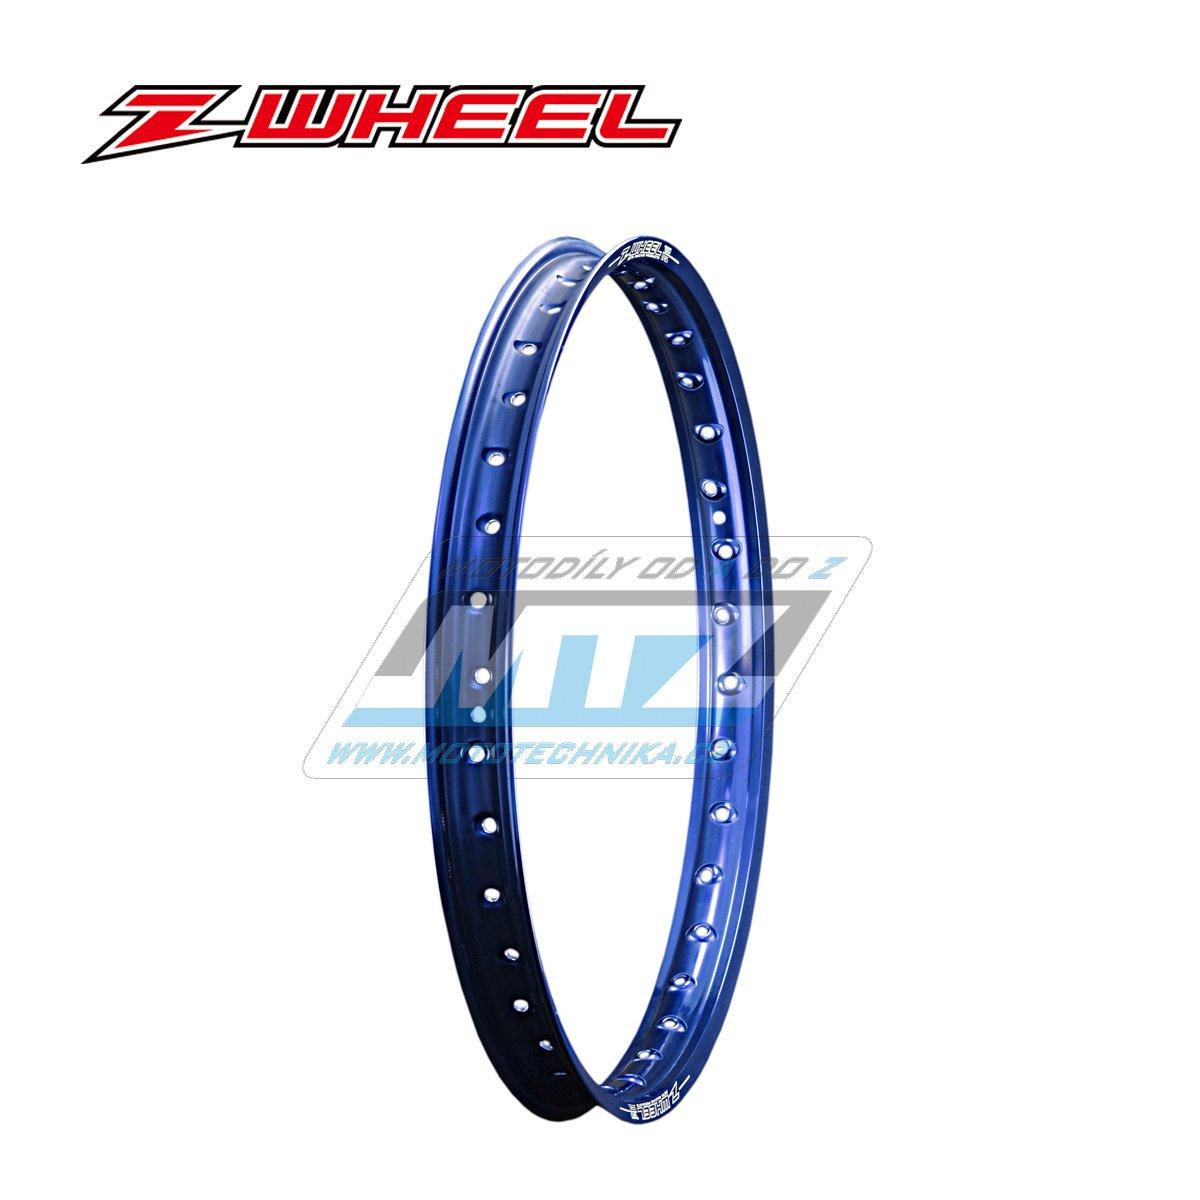 """Ráfek přední Zeta Z-WHEEL - rozměr 1,60x21"""" - 36H (předvrtaný 36otvorů) - modrý"""